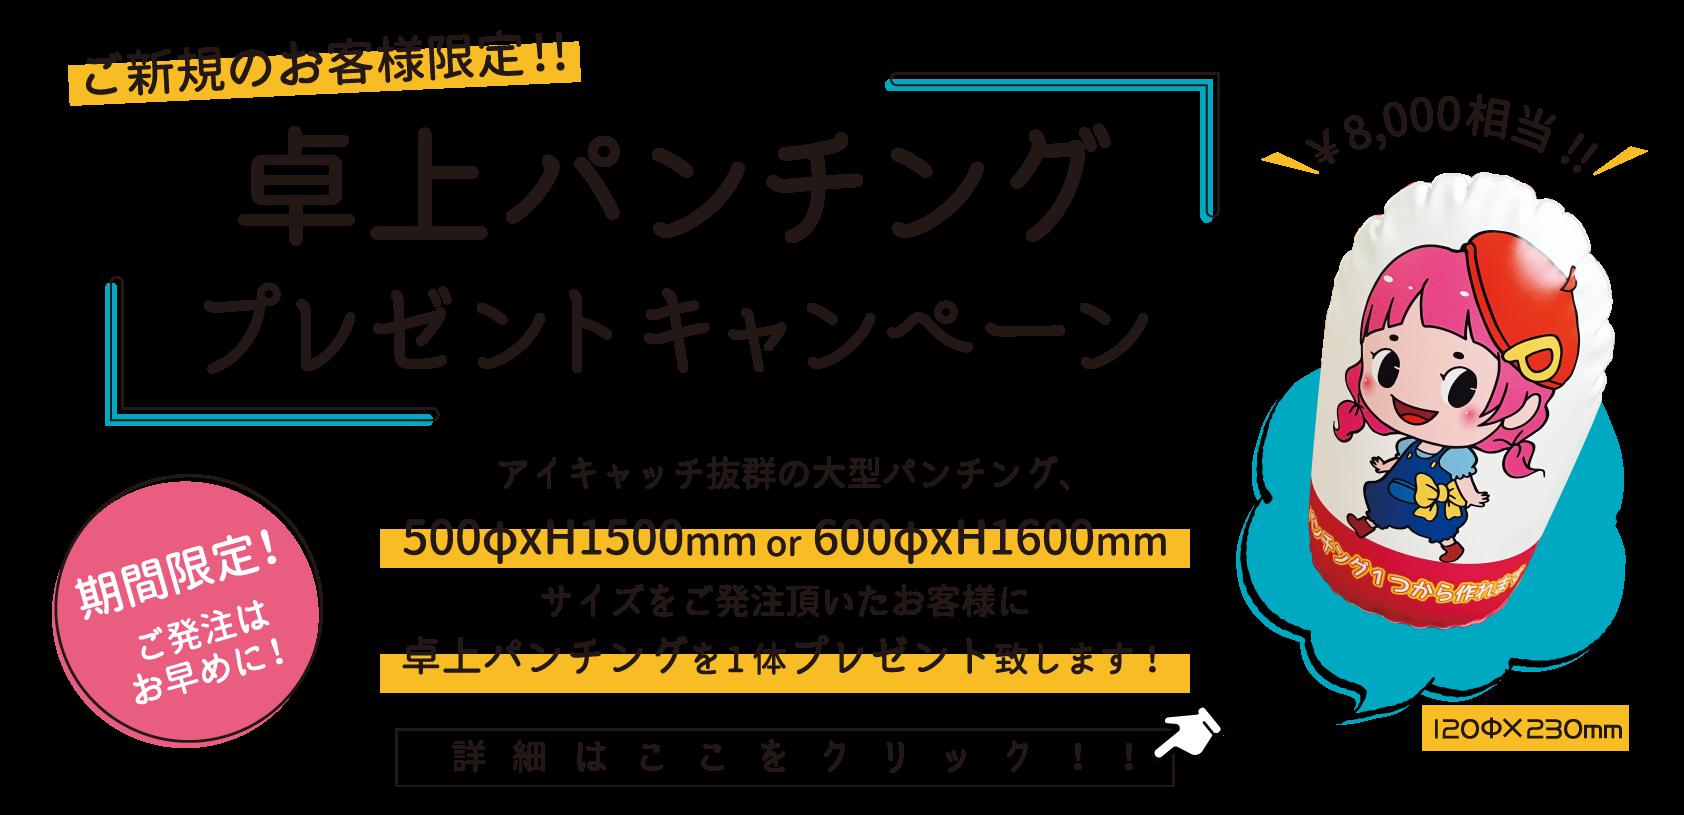 【ご新規のお客様限定】卓上パンチングプレゼントキャンペーン!